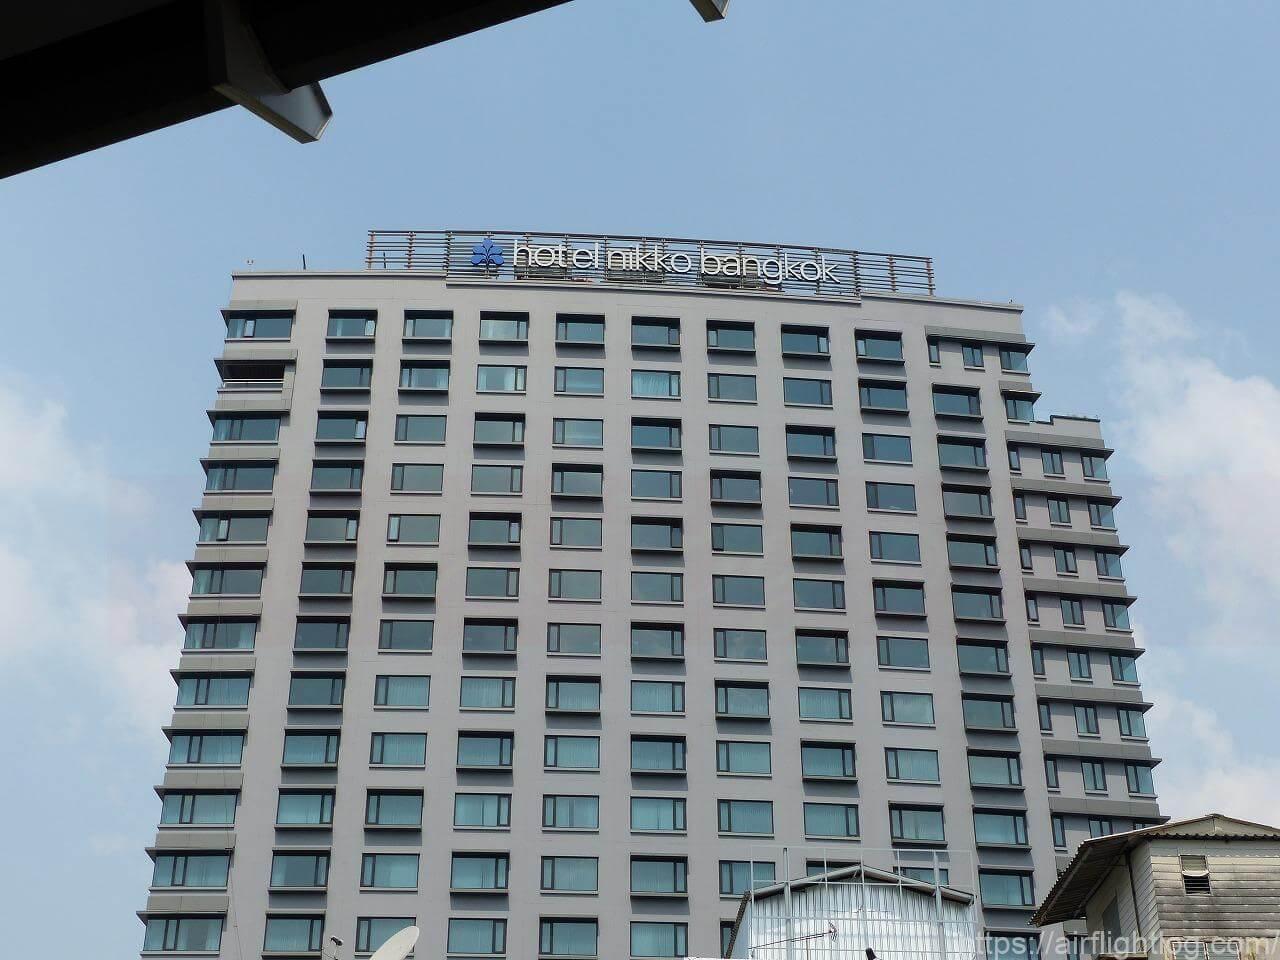 ホテル ニッコー・バンコク外観